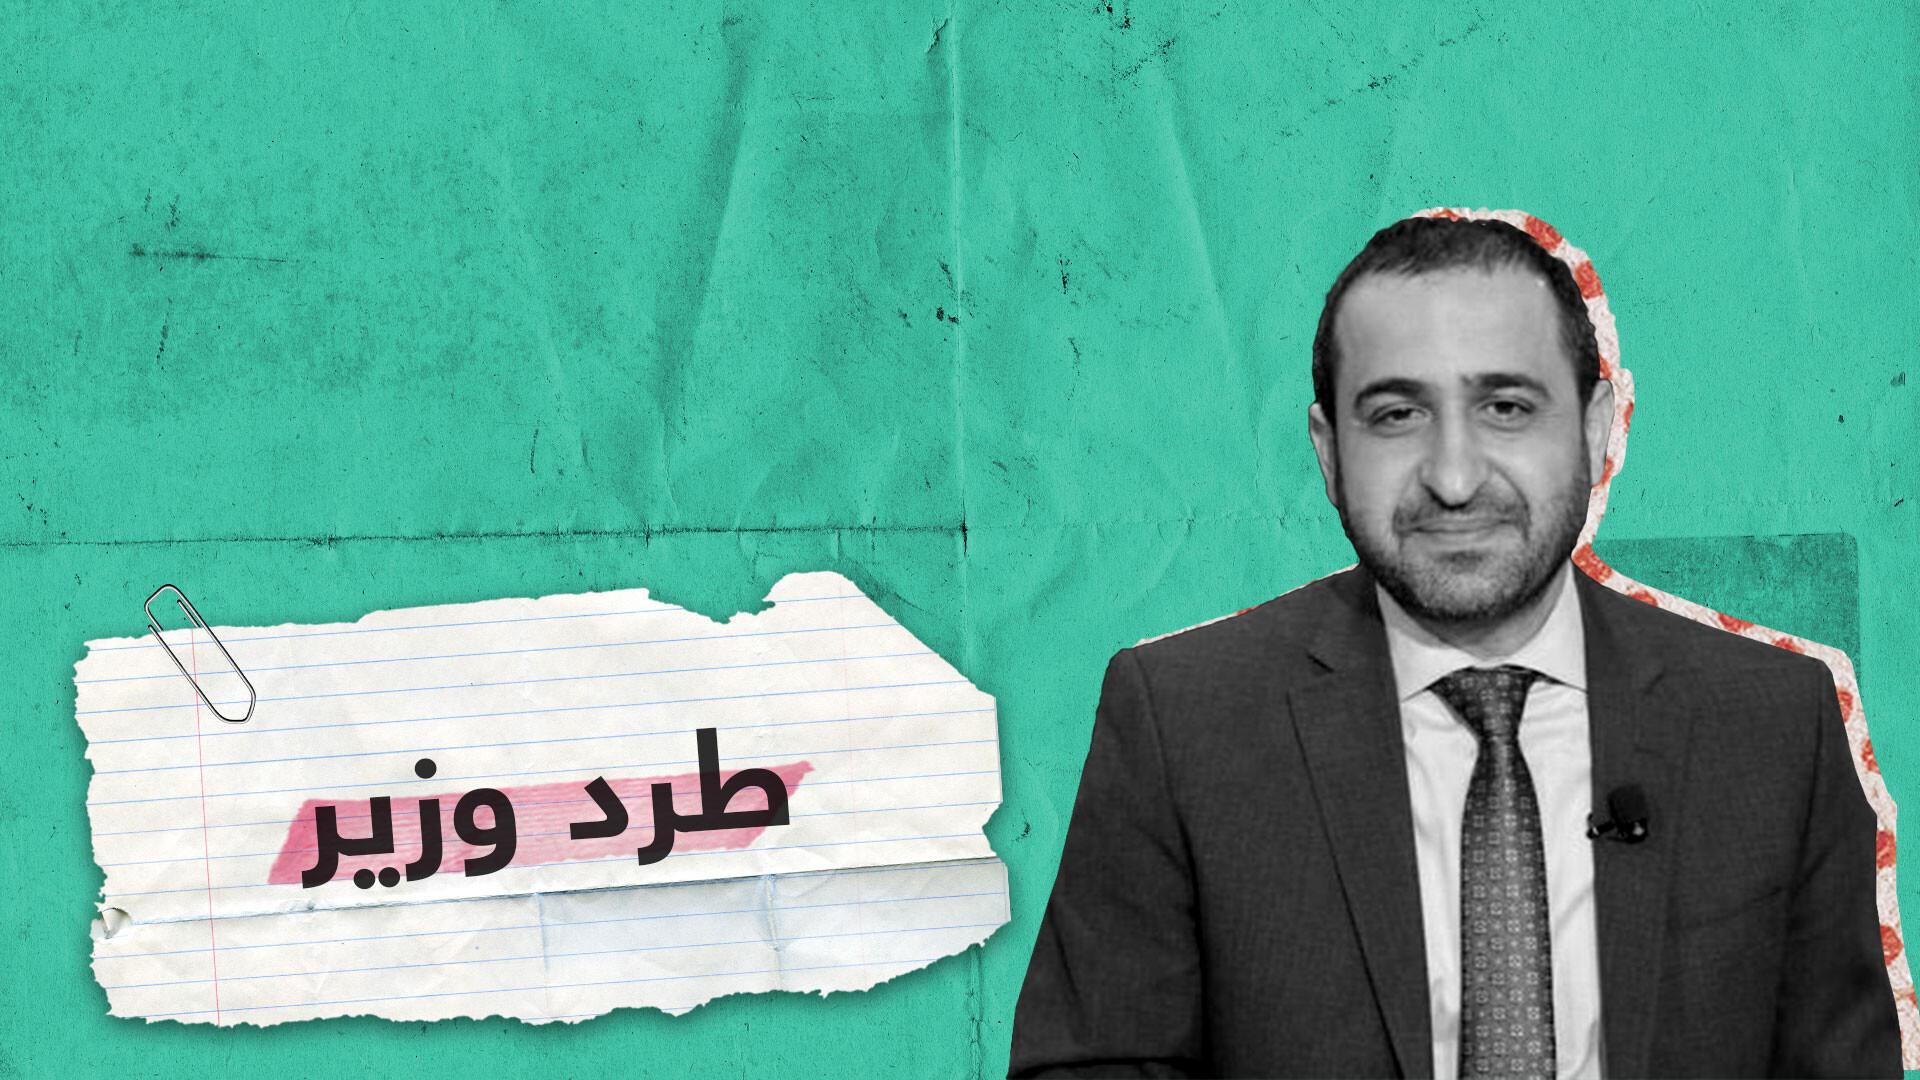 لبنانيون يطردون وزير المهجرين.. فما السبب؟